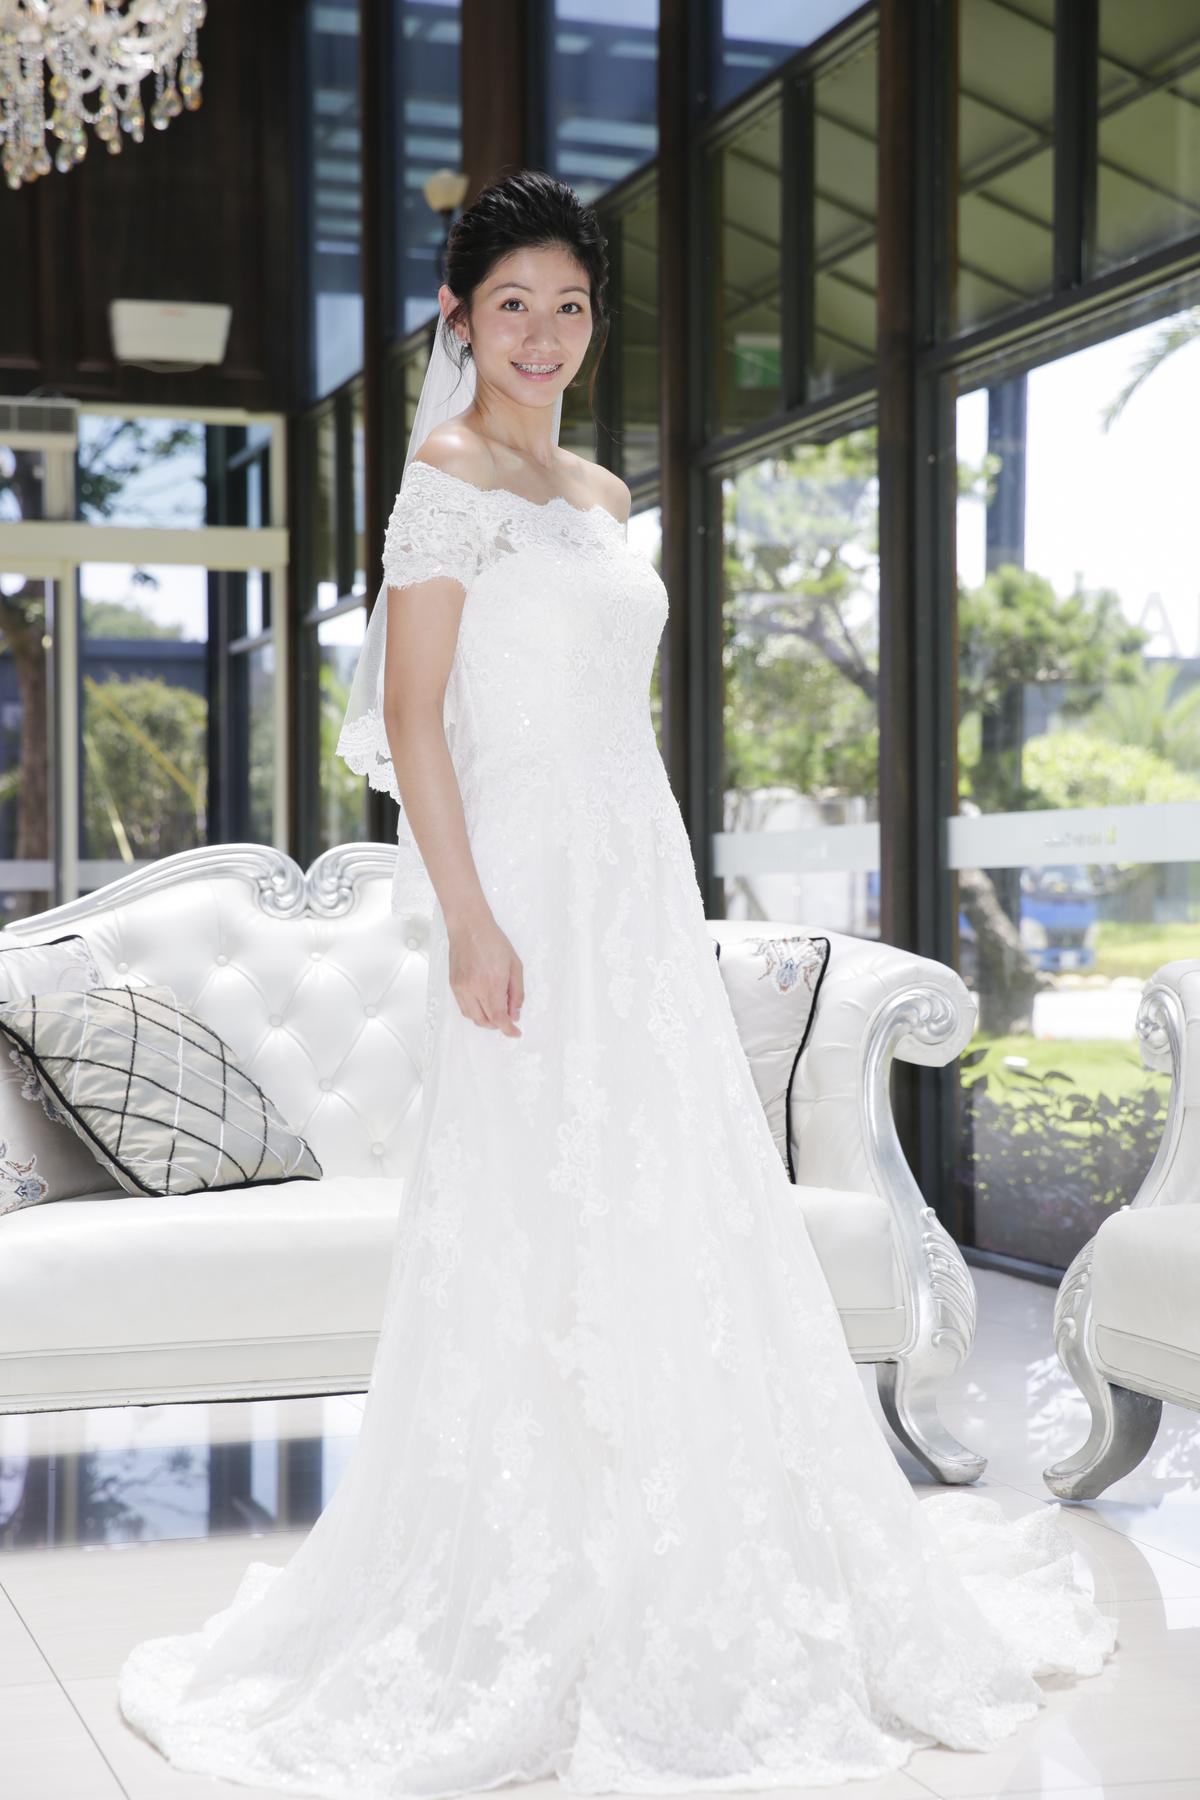 李千娜穿婚紗看似溫柔,但她透露拍戲現場常不聽導演指令。